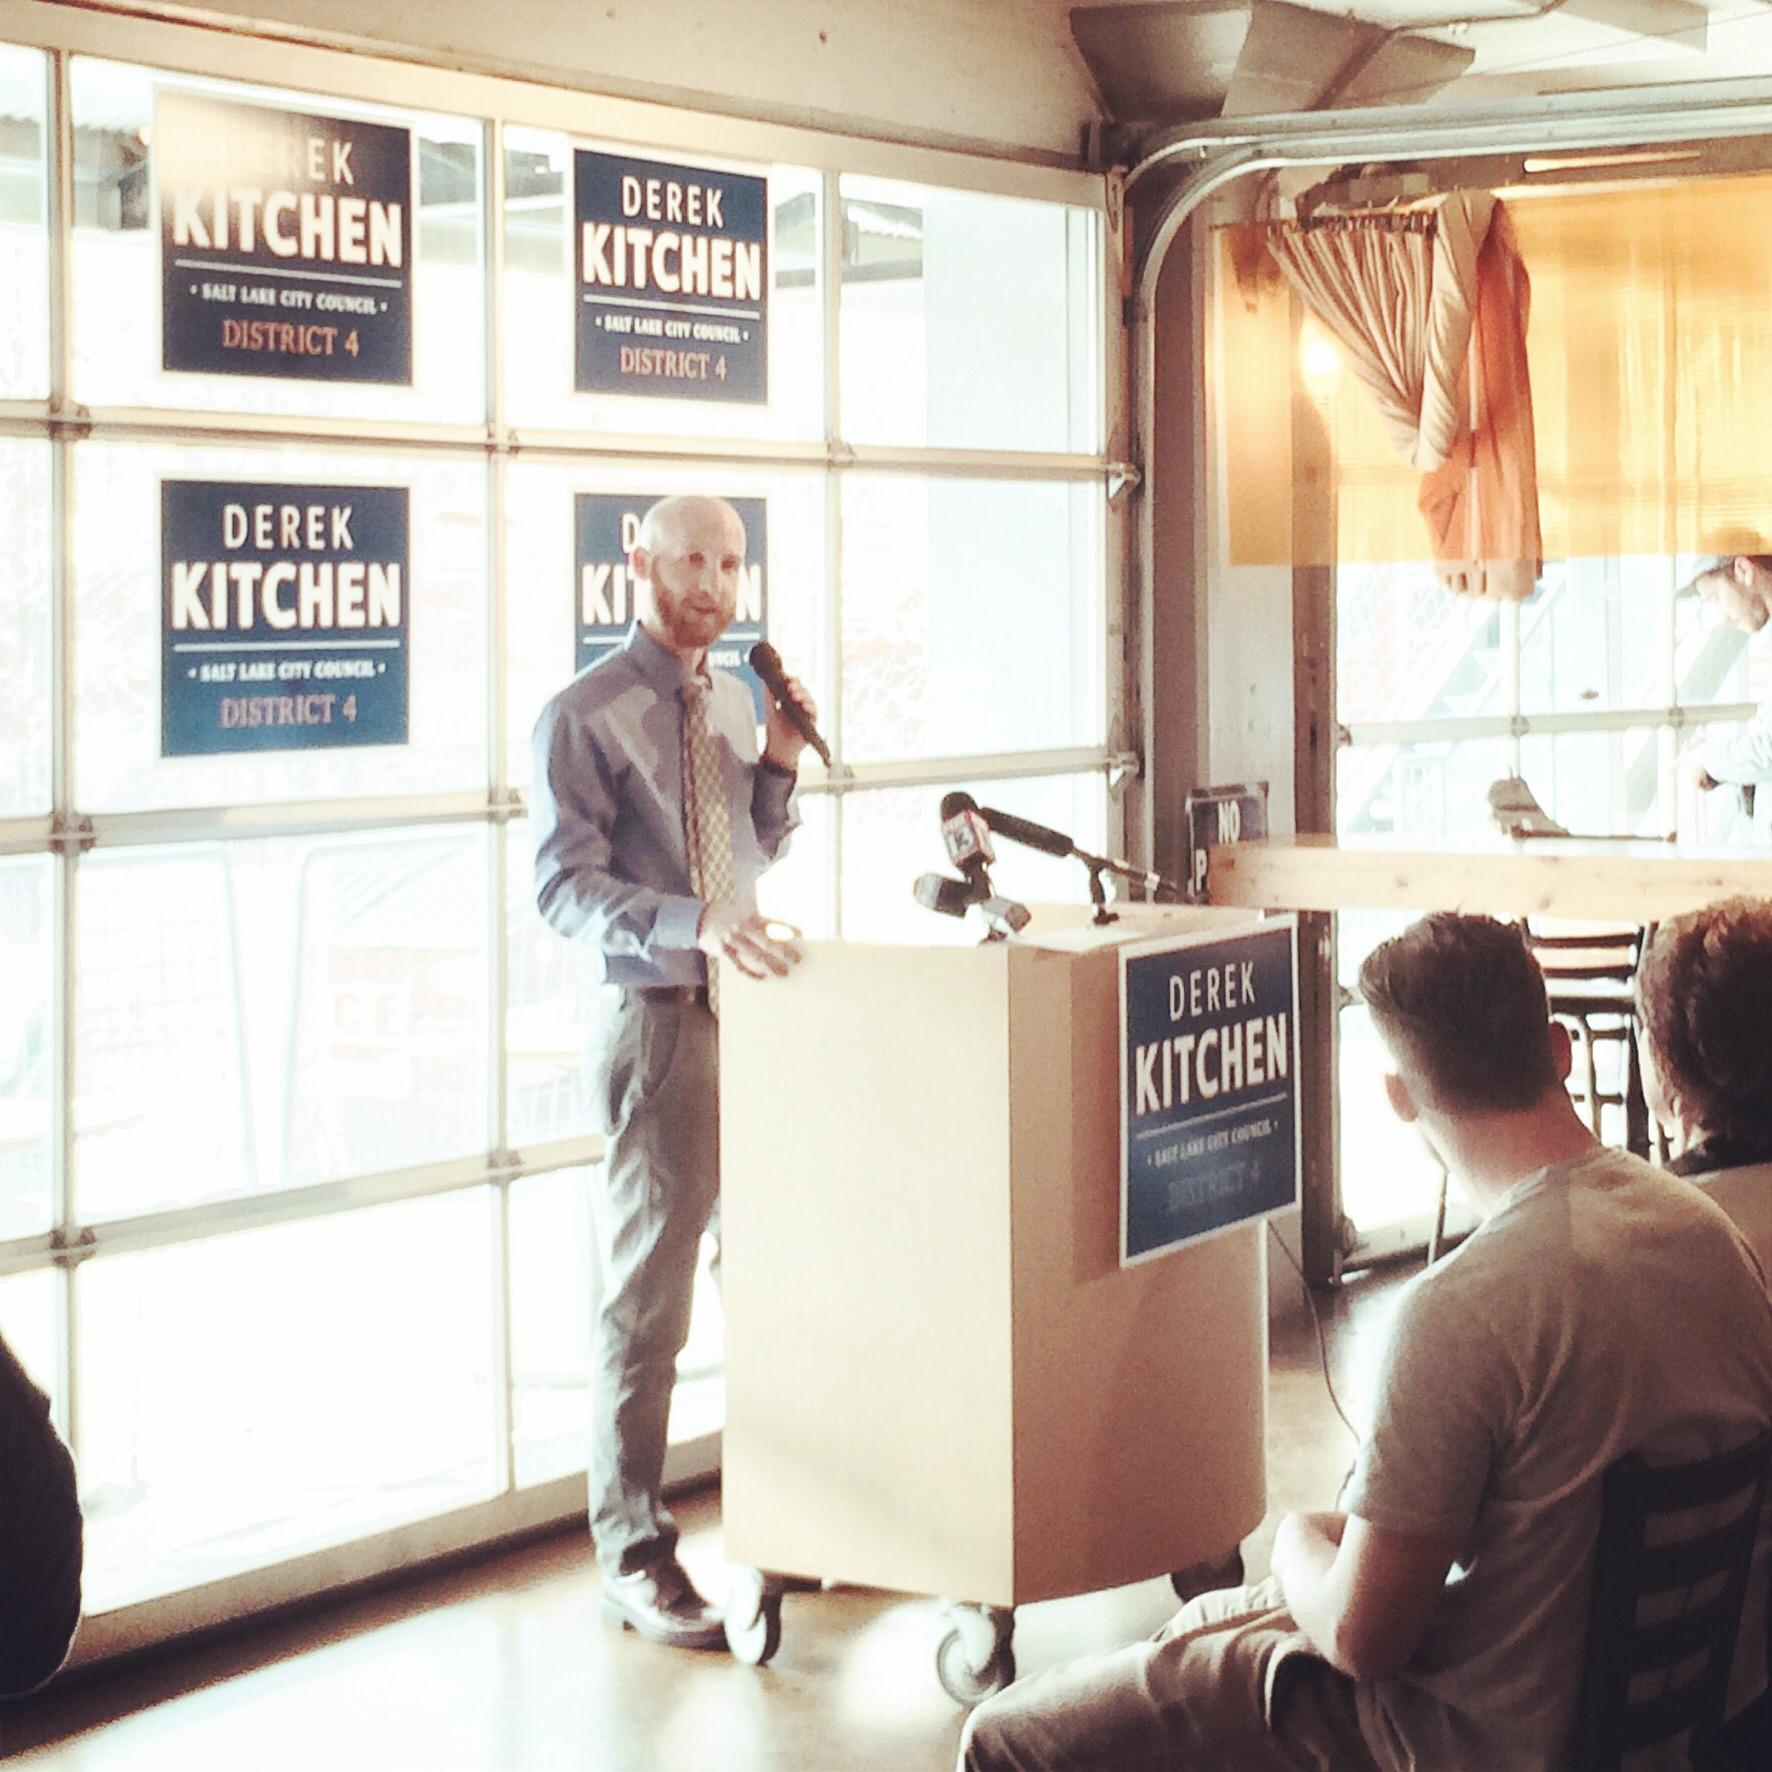 derek-kitchen-city-council.jpg